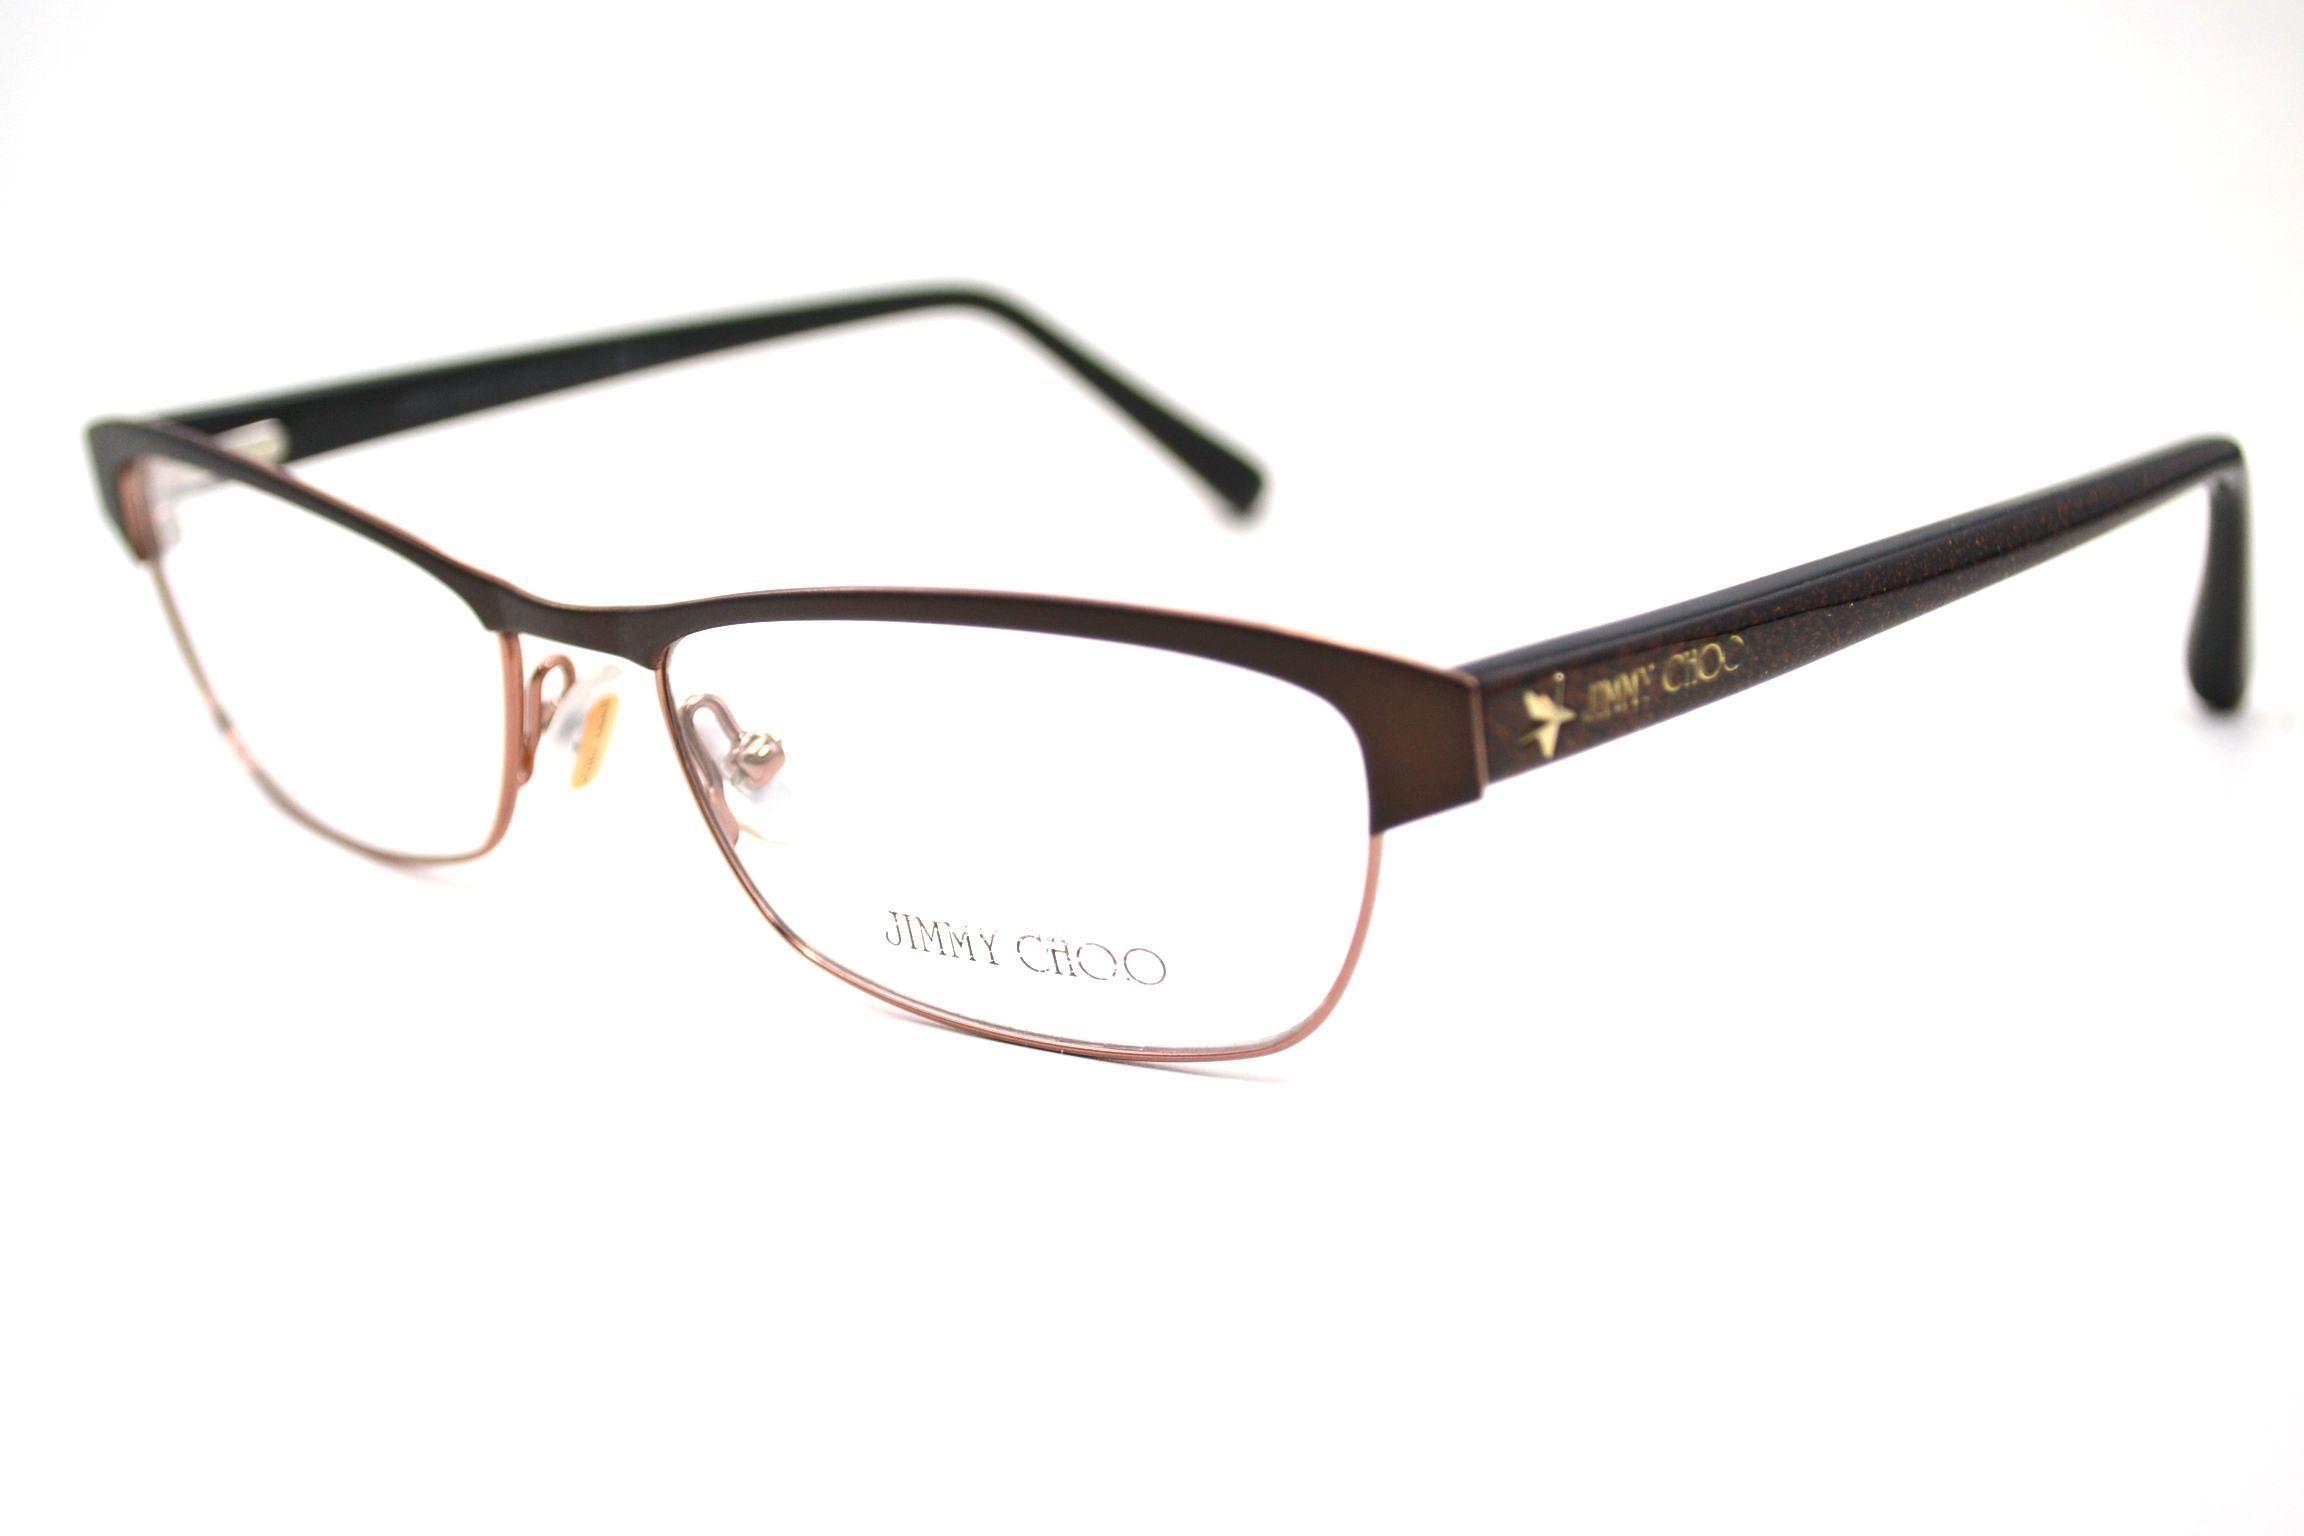 597f6355556 jimmy choo glasses frames